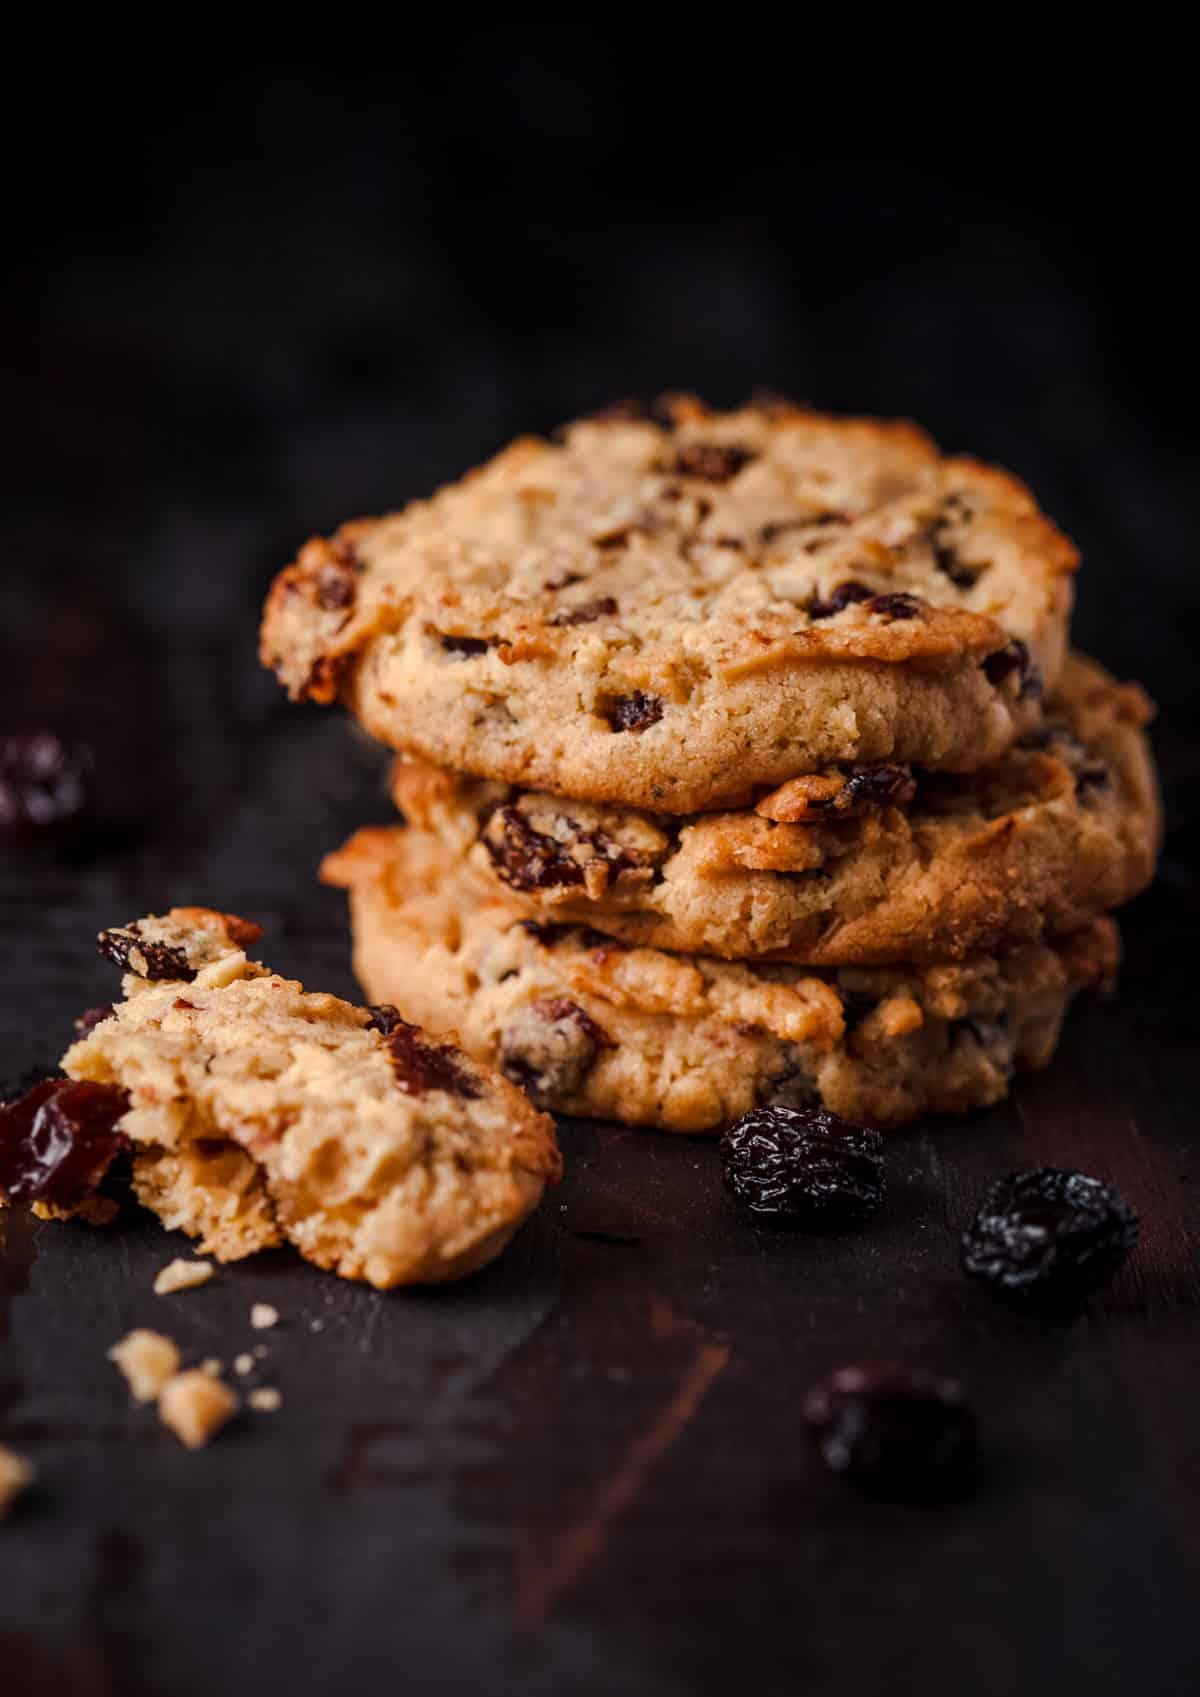 The Best Gluten-Free Oatmeal Raisin Cookies